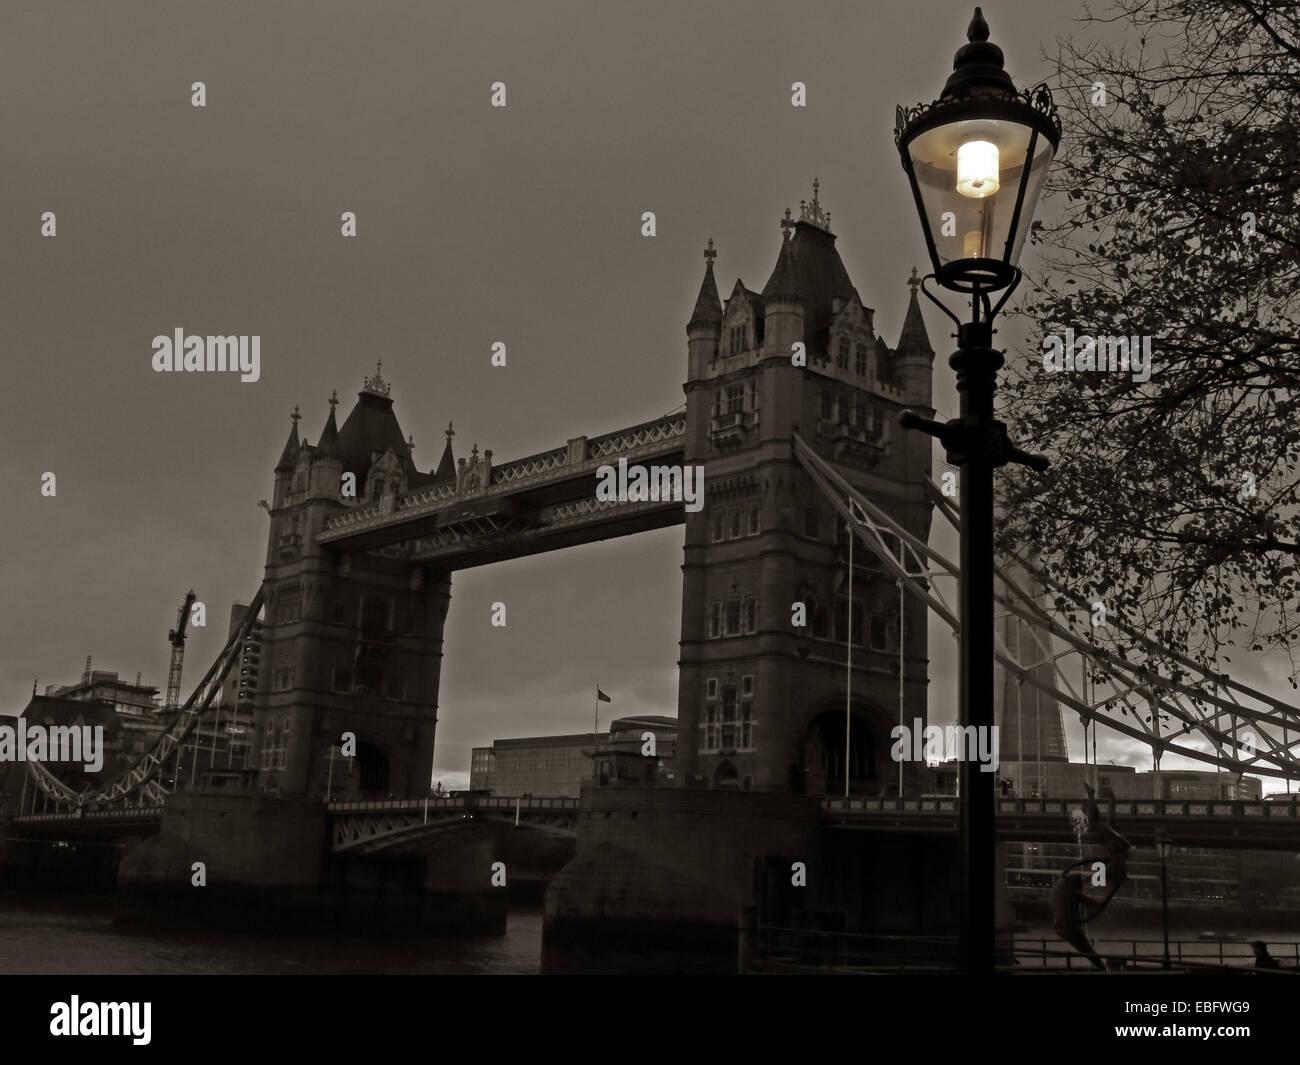 Laden Sie dieses Alamy Stockfoto Tower Bridge, die Themse, London bei Dämmerung, England, UK - EBFWG9